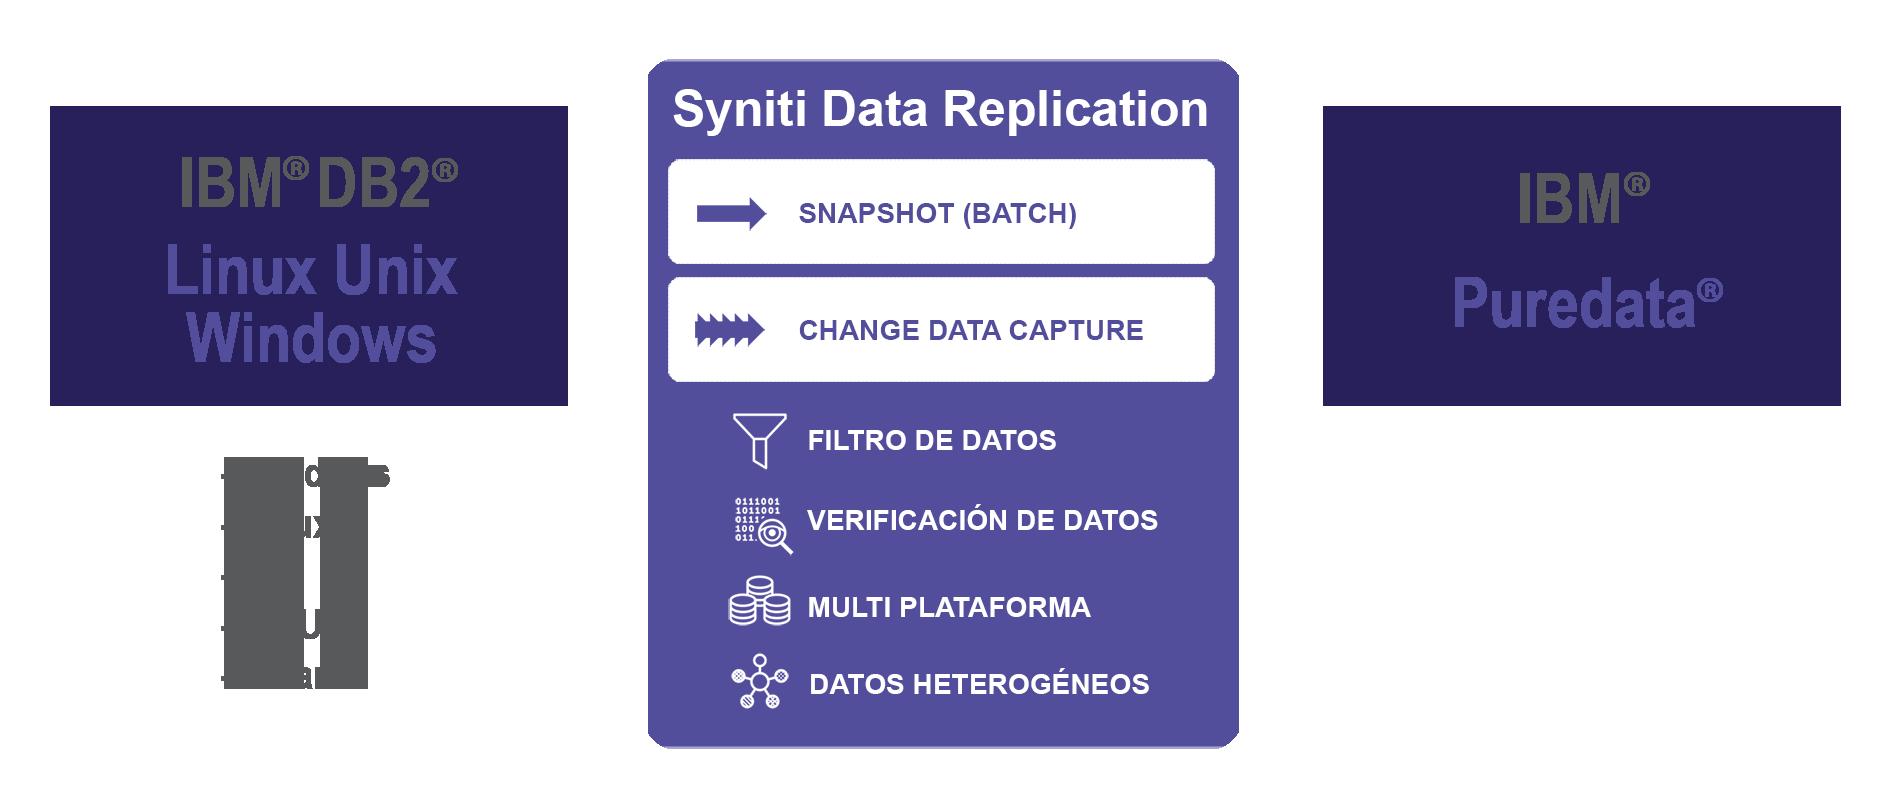 Replicación de datos desde DB2/LUW a Puredata en tiempo real